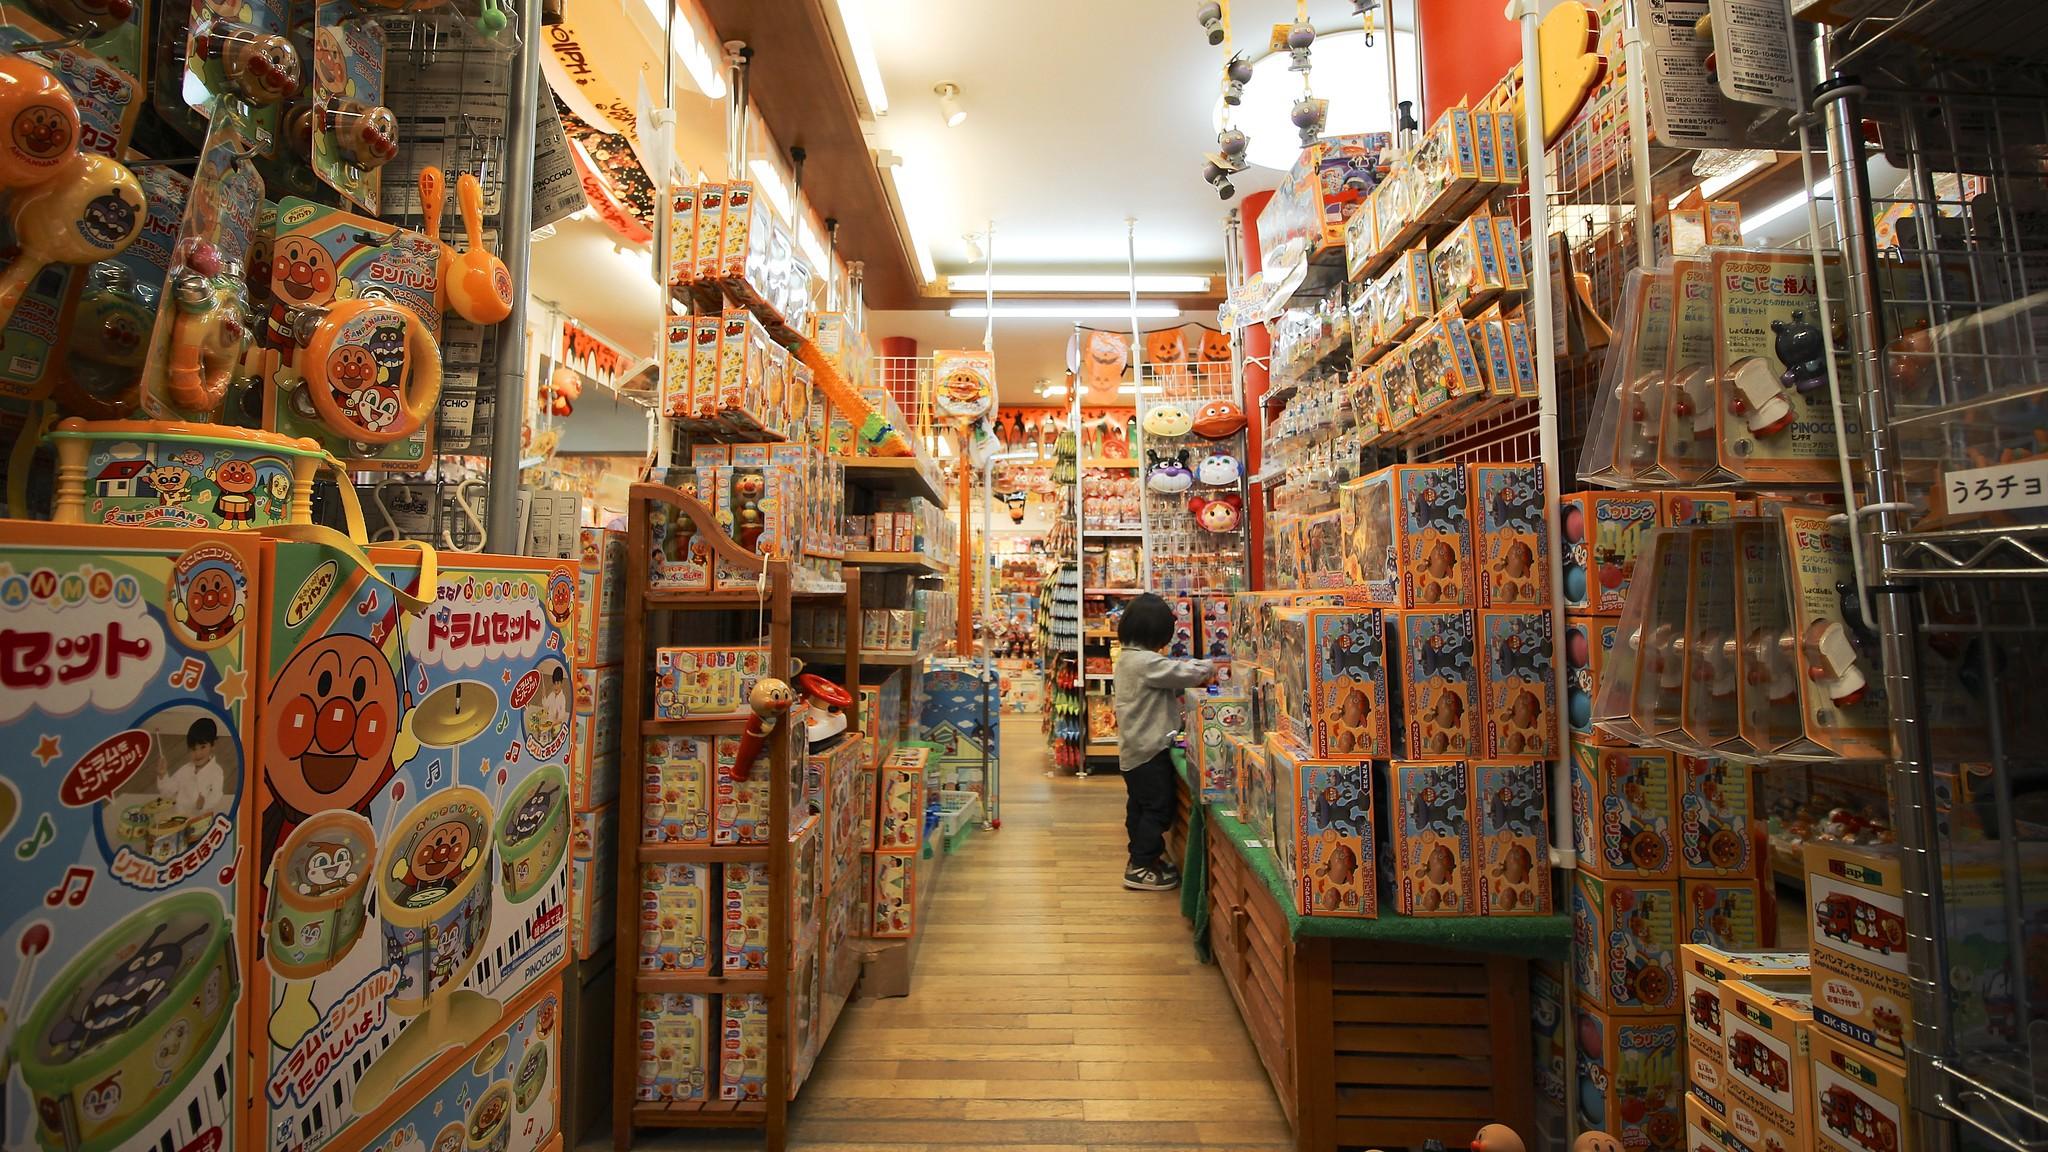 An Anpanman shop in Japan